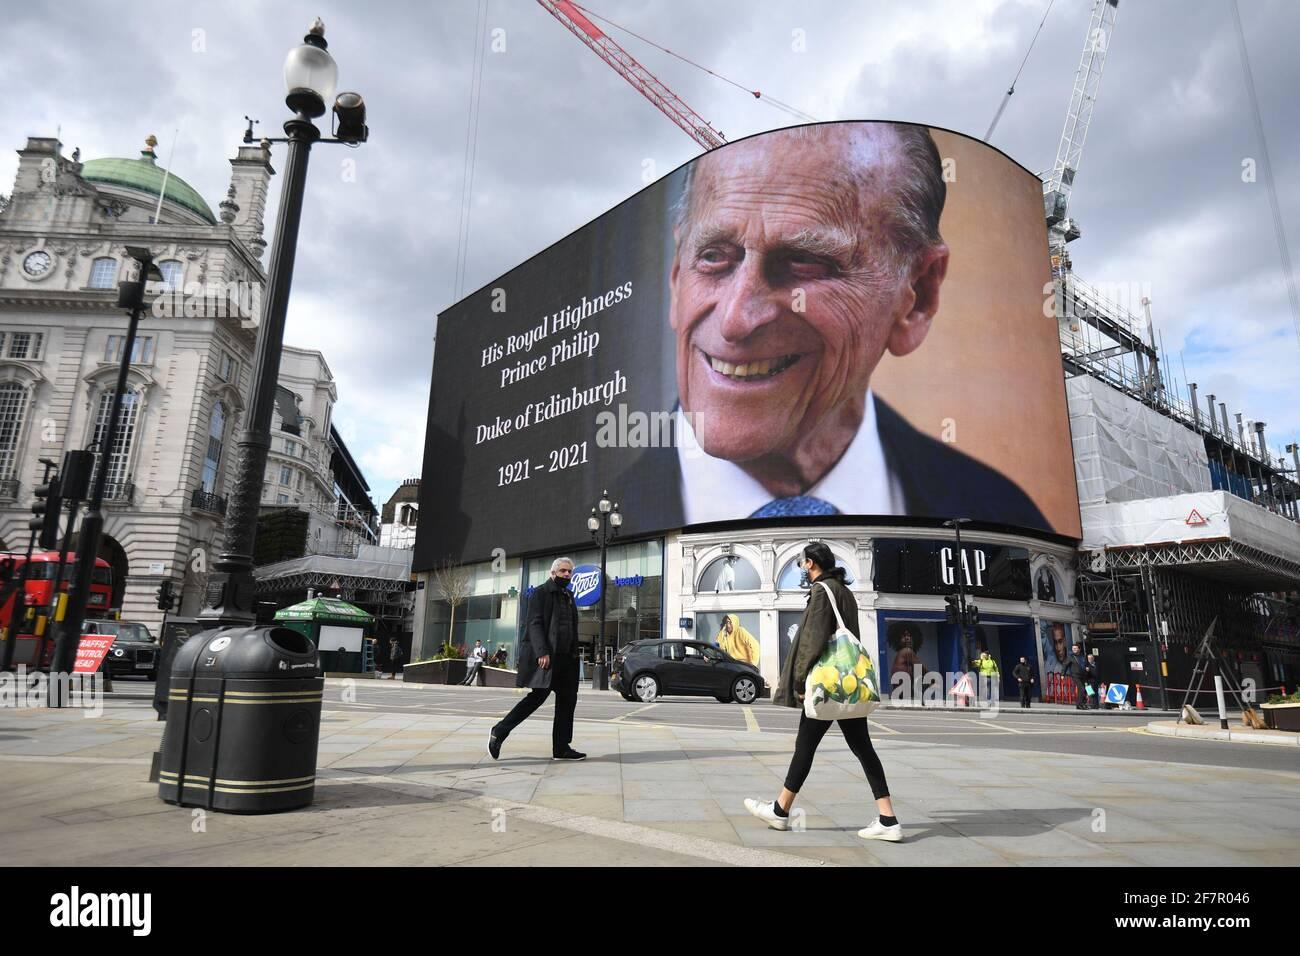 Un tributo al Duca di Edimburgo, che sarà mostrato per 24 ore, in mostra al Piccadilly Lights nel centro di Londra, dopo l'annuncio della sua morte all'età di 99 anni. Data immagine: Venerdì 9 aprile 2021. Foto Stock